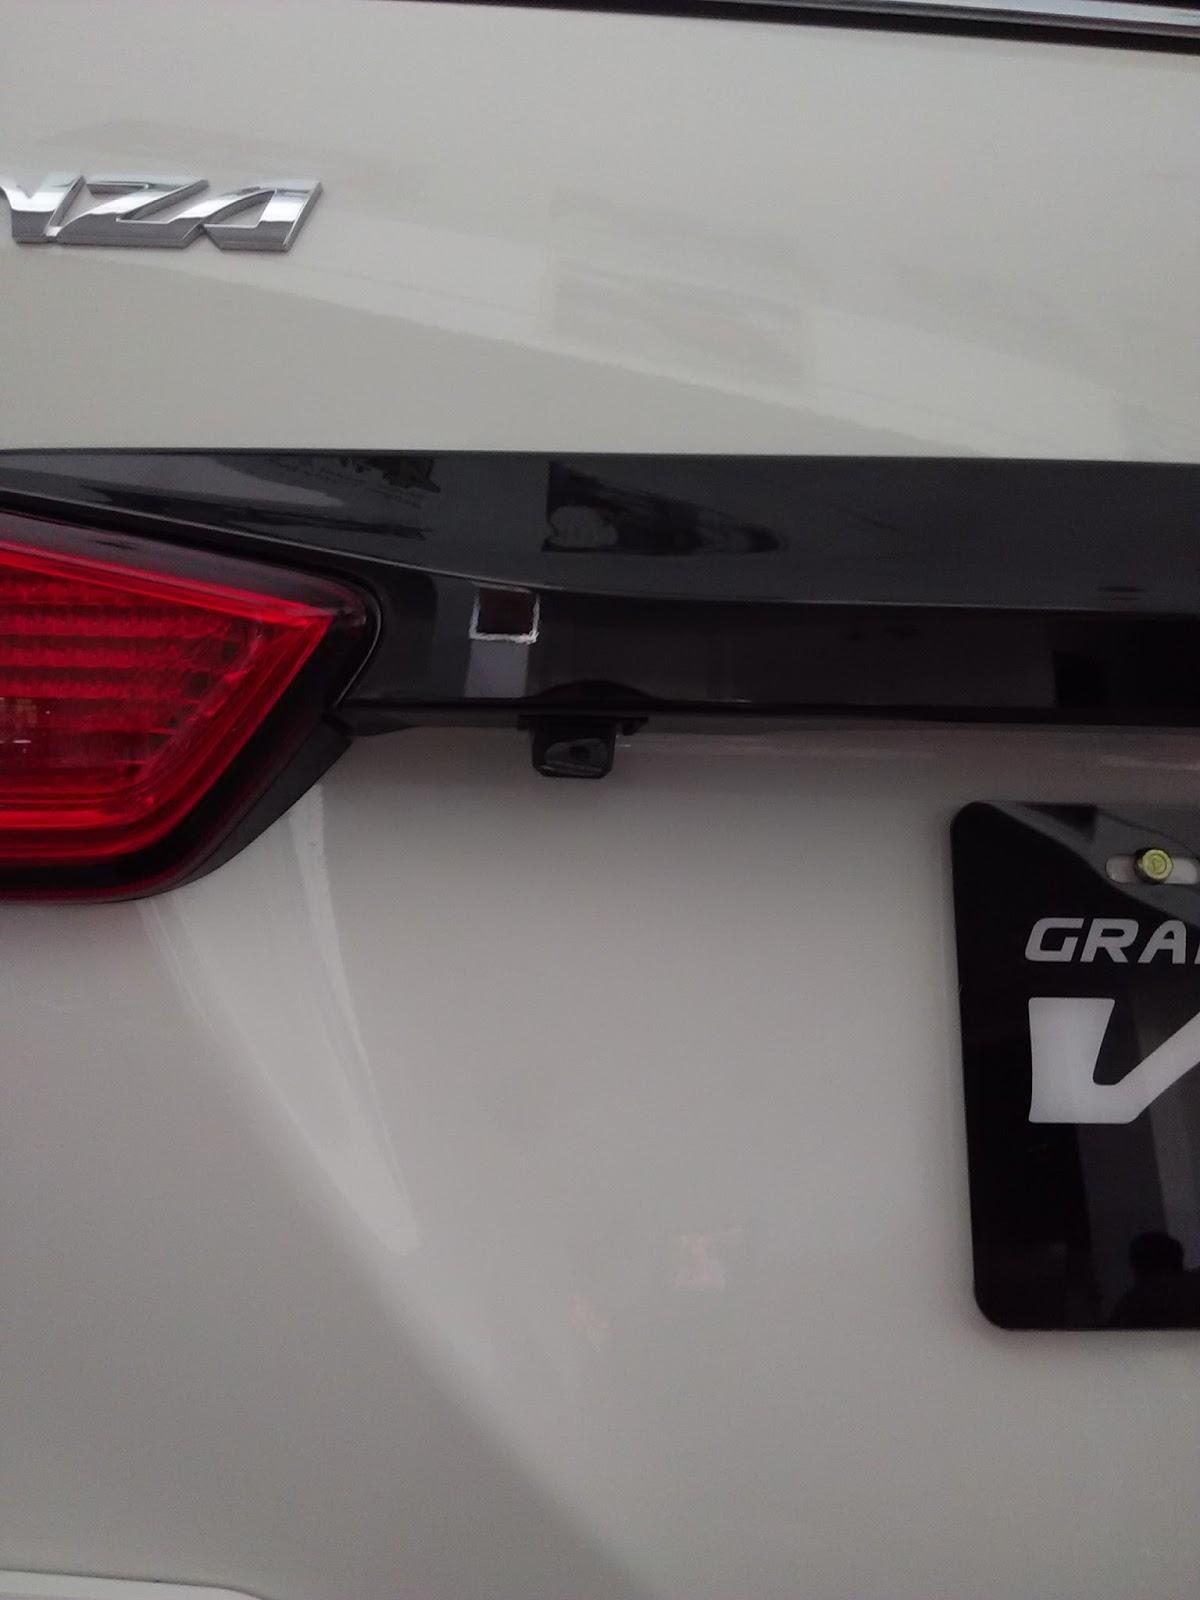 fitur grand new veloz 1.3 ram radiator avanza perbedaan 1 5 dan 3 dikta toyota satu lagi yang menjadi pembeda antara adalah adanya tambahan rear parking camera untuk melengkapi head unit monitor touch screen